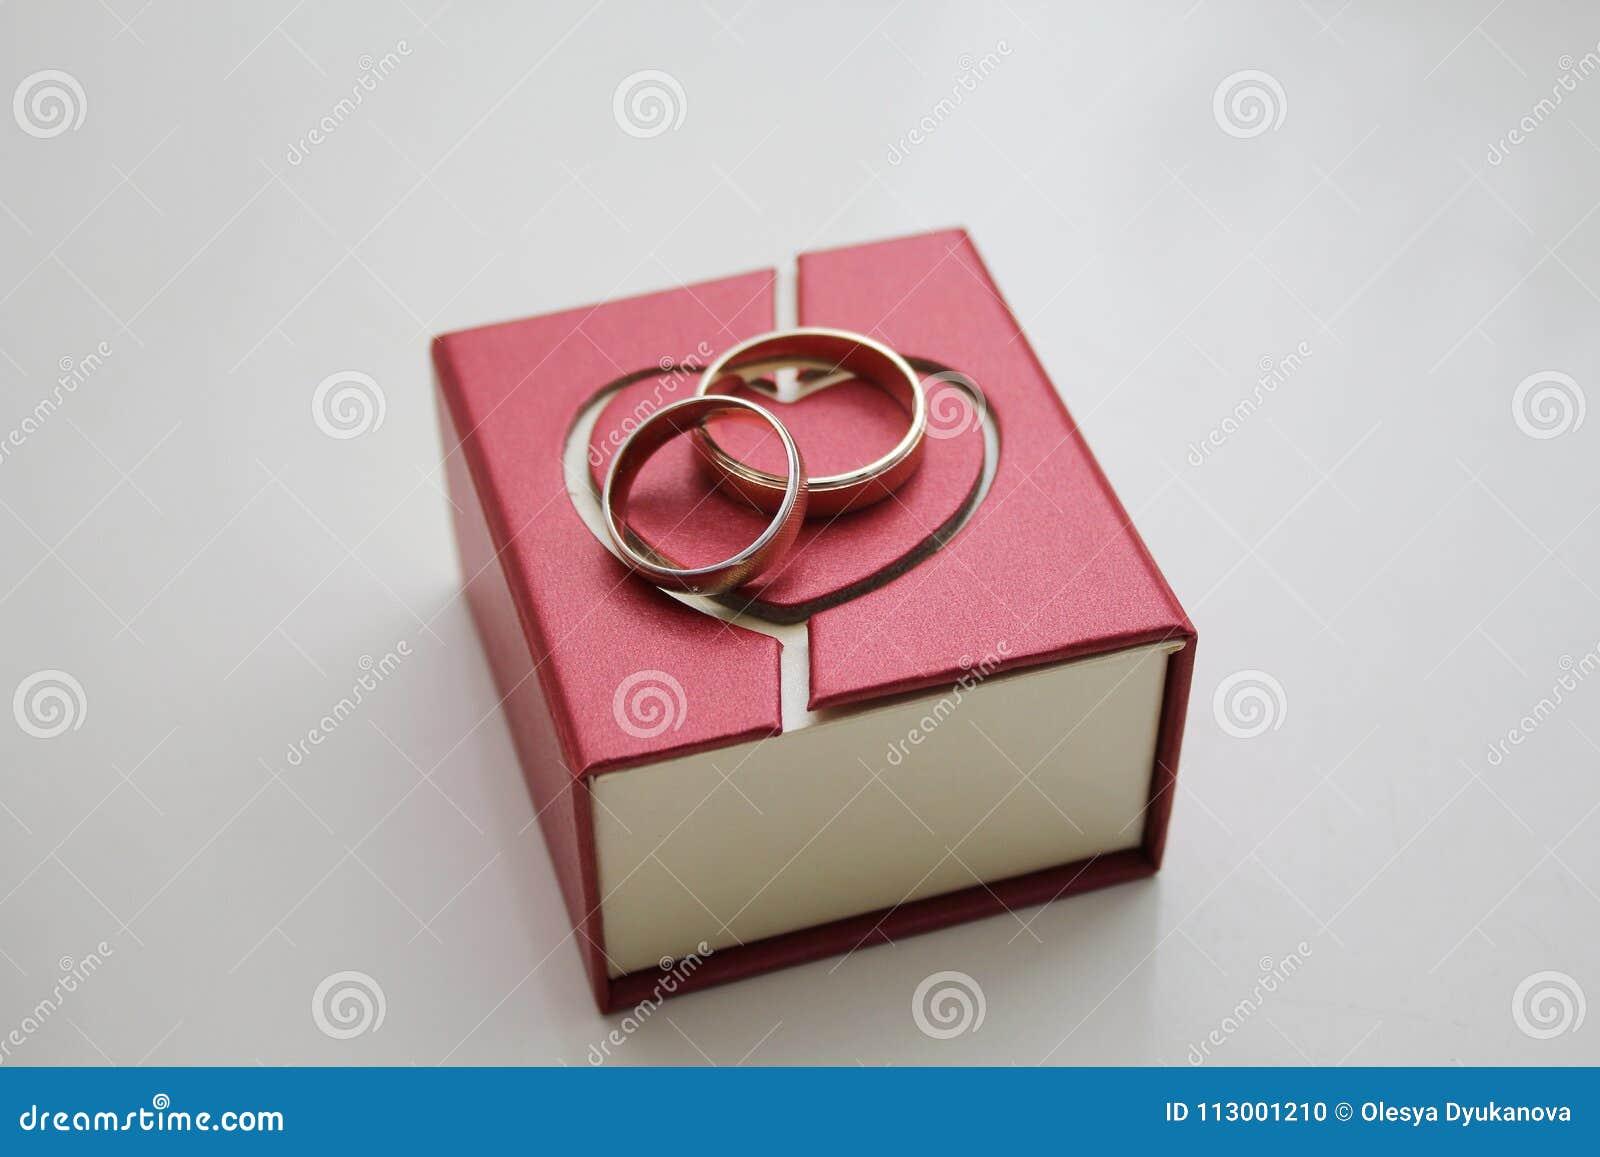 Pudełko z obrączkami ślubnymi na białym tle